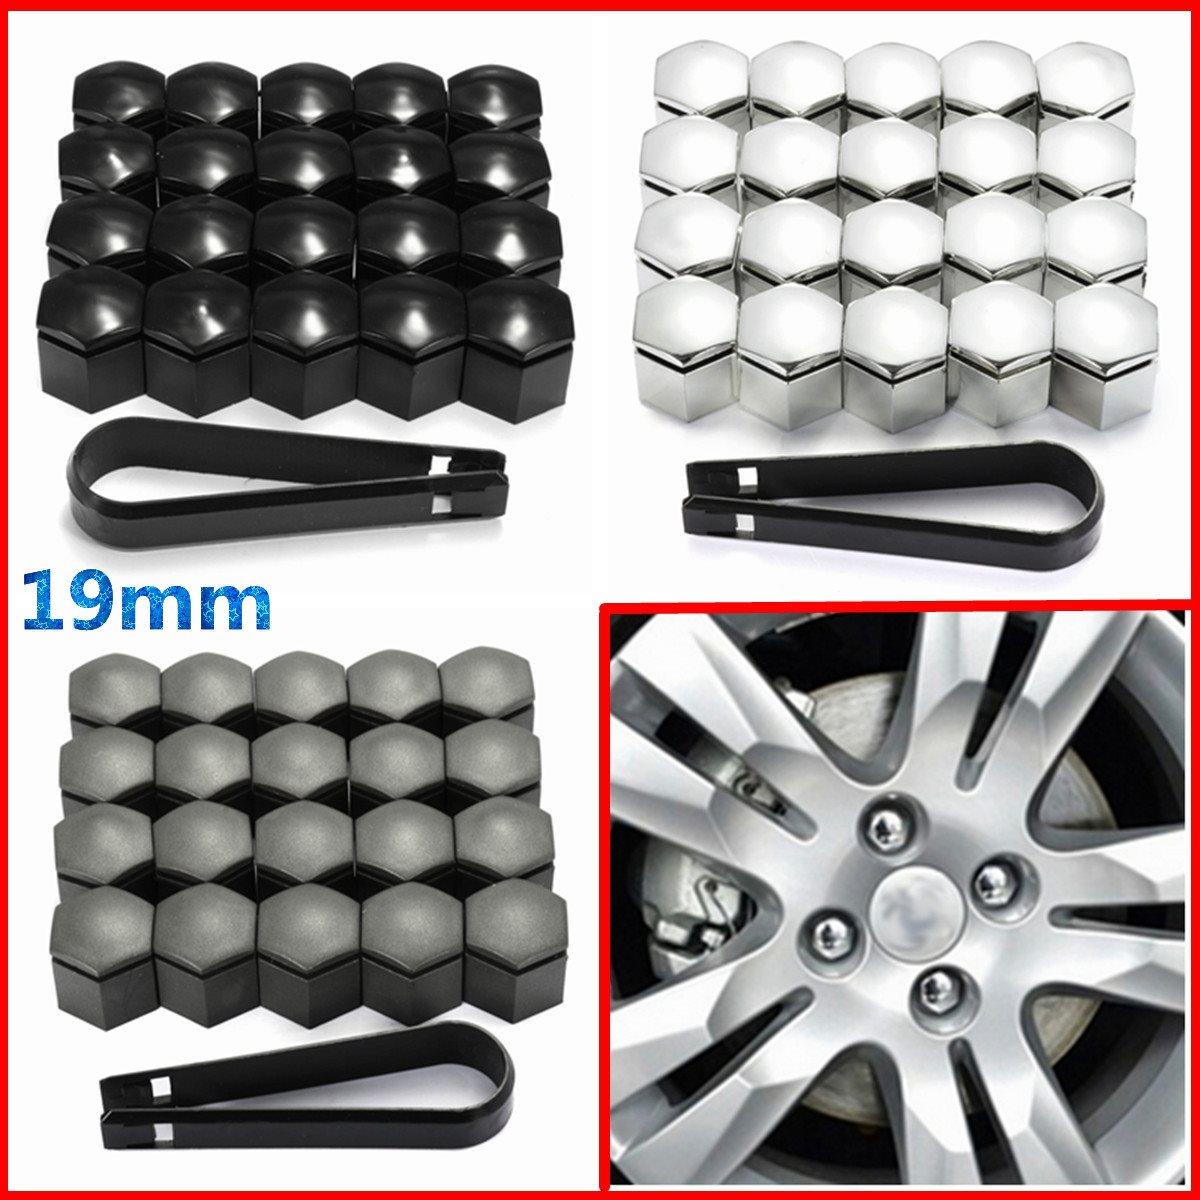 20 unids piezas 19mm rueda tuerca cubierta perno tapa Protector para Opel Romove herramienta llave